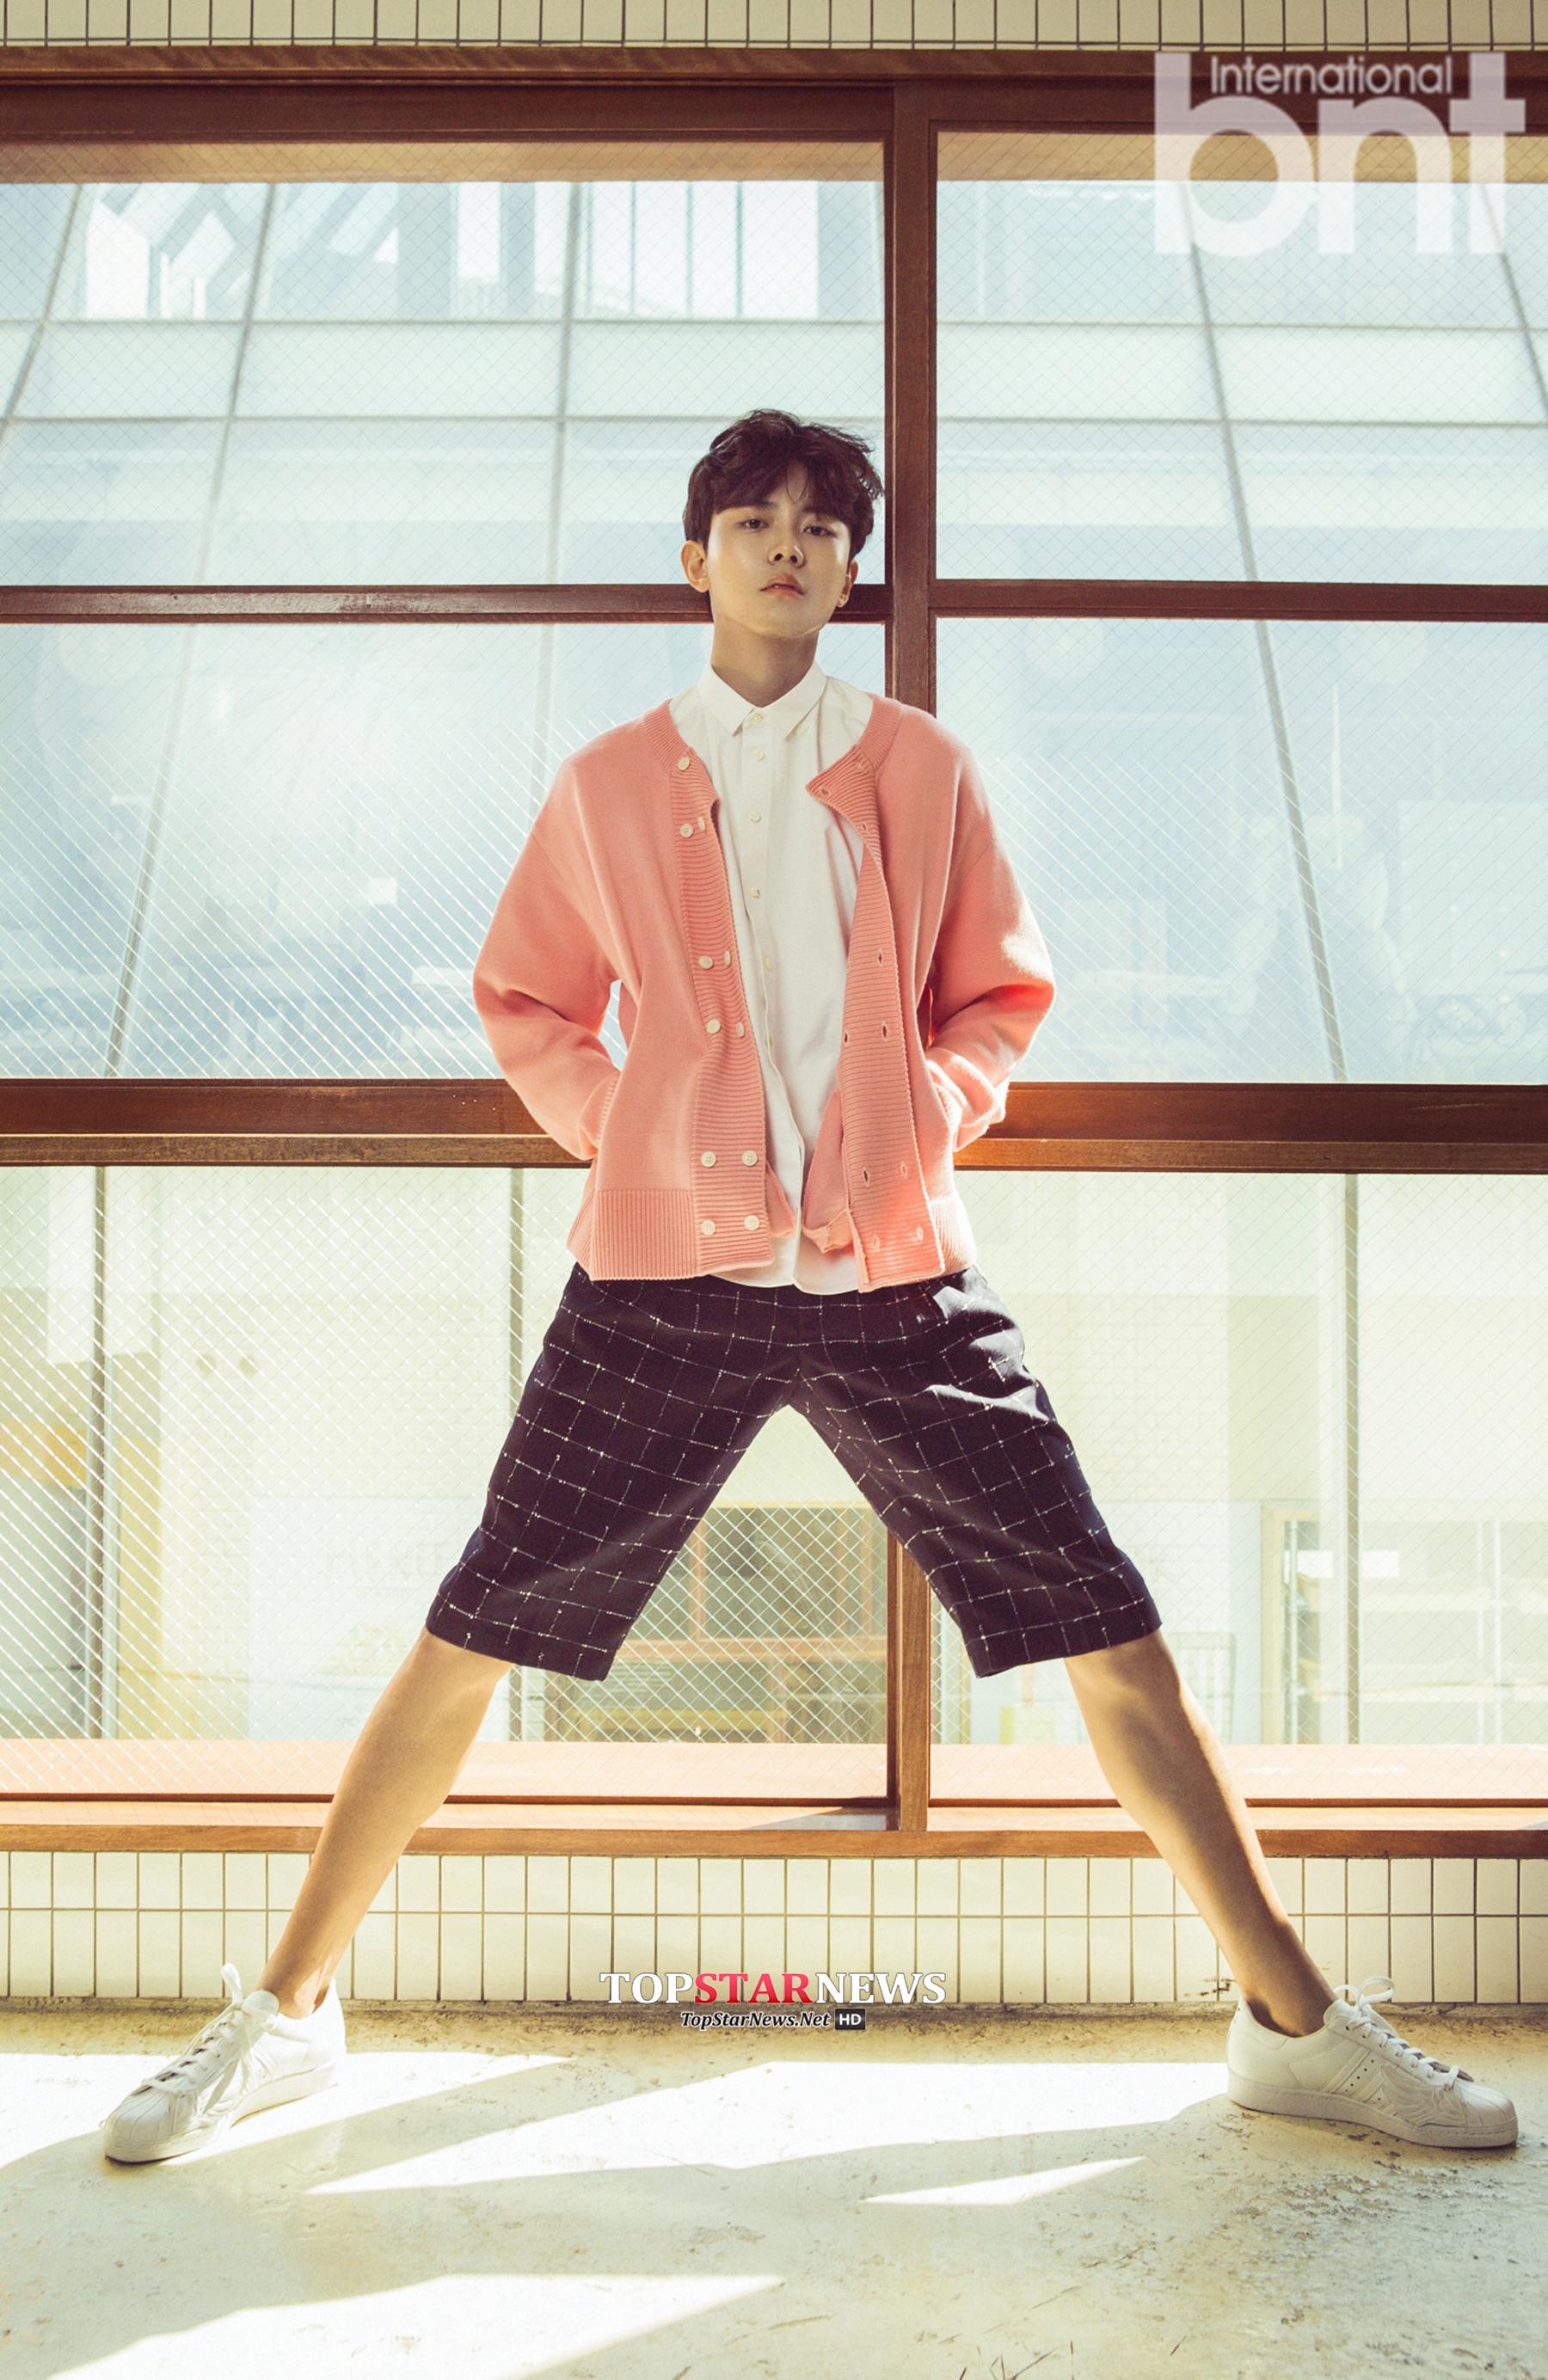 最後要跟大家分享的是YG K+當家花美男朱宇宰 (1986年出生,188公分)